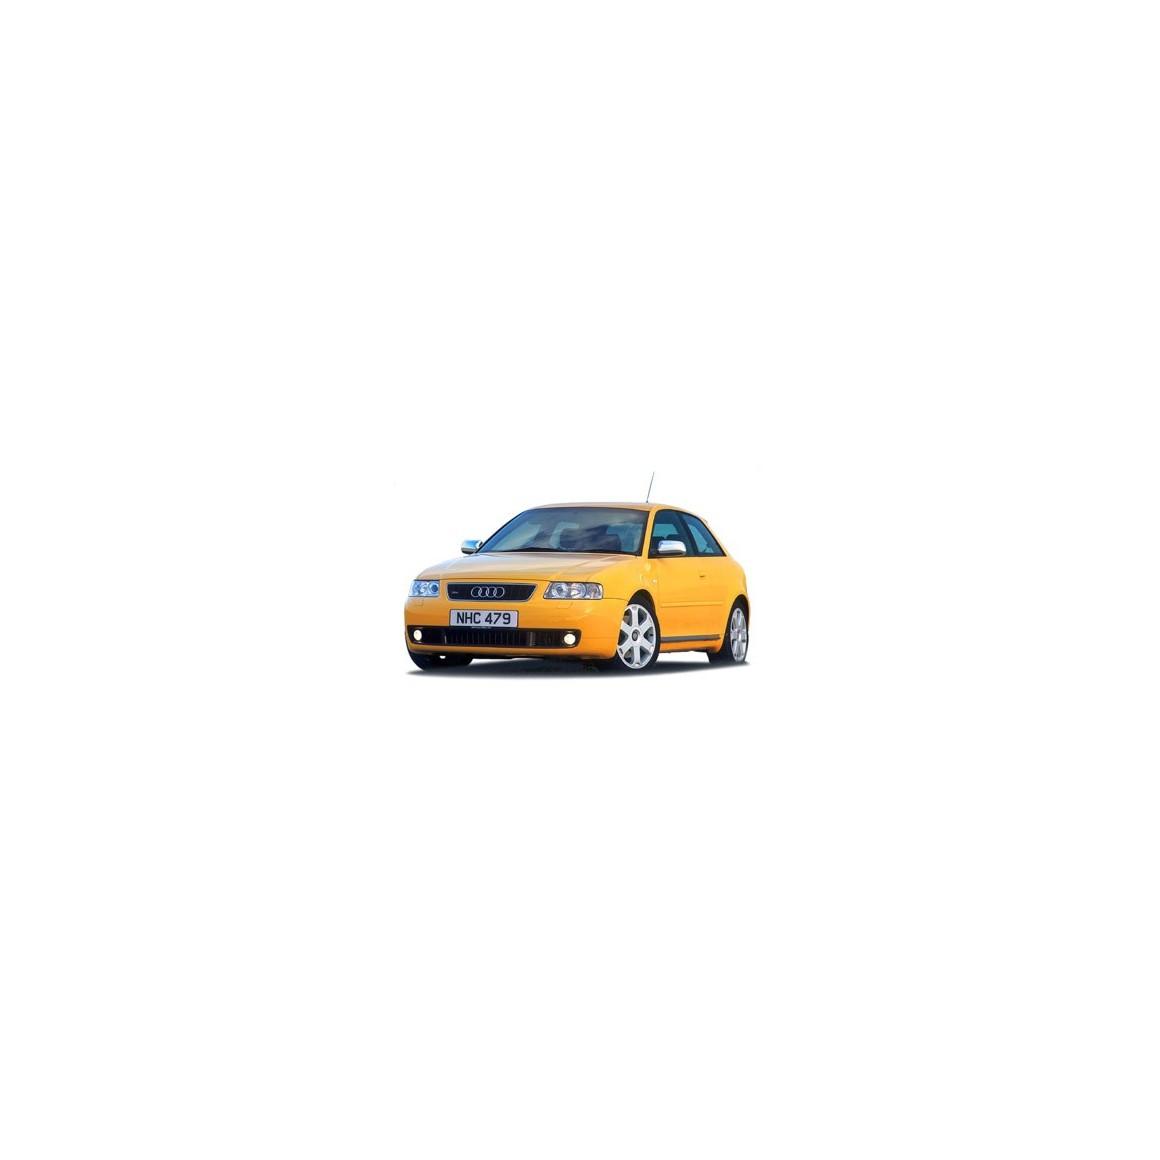 Montage Audi A3 - Jusqu'en 2003